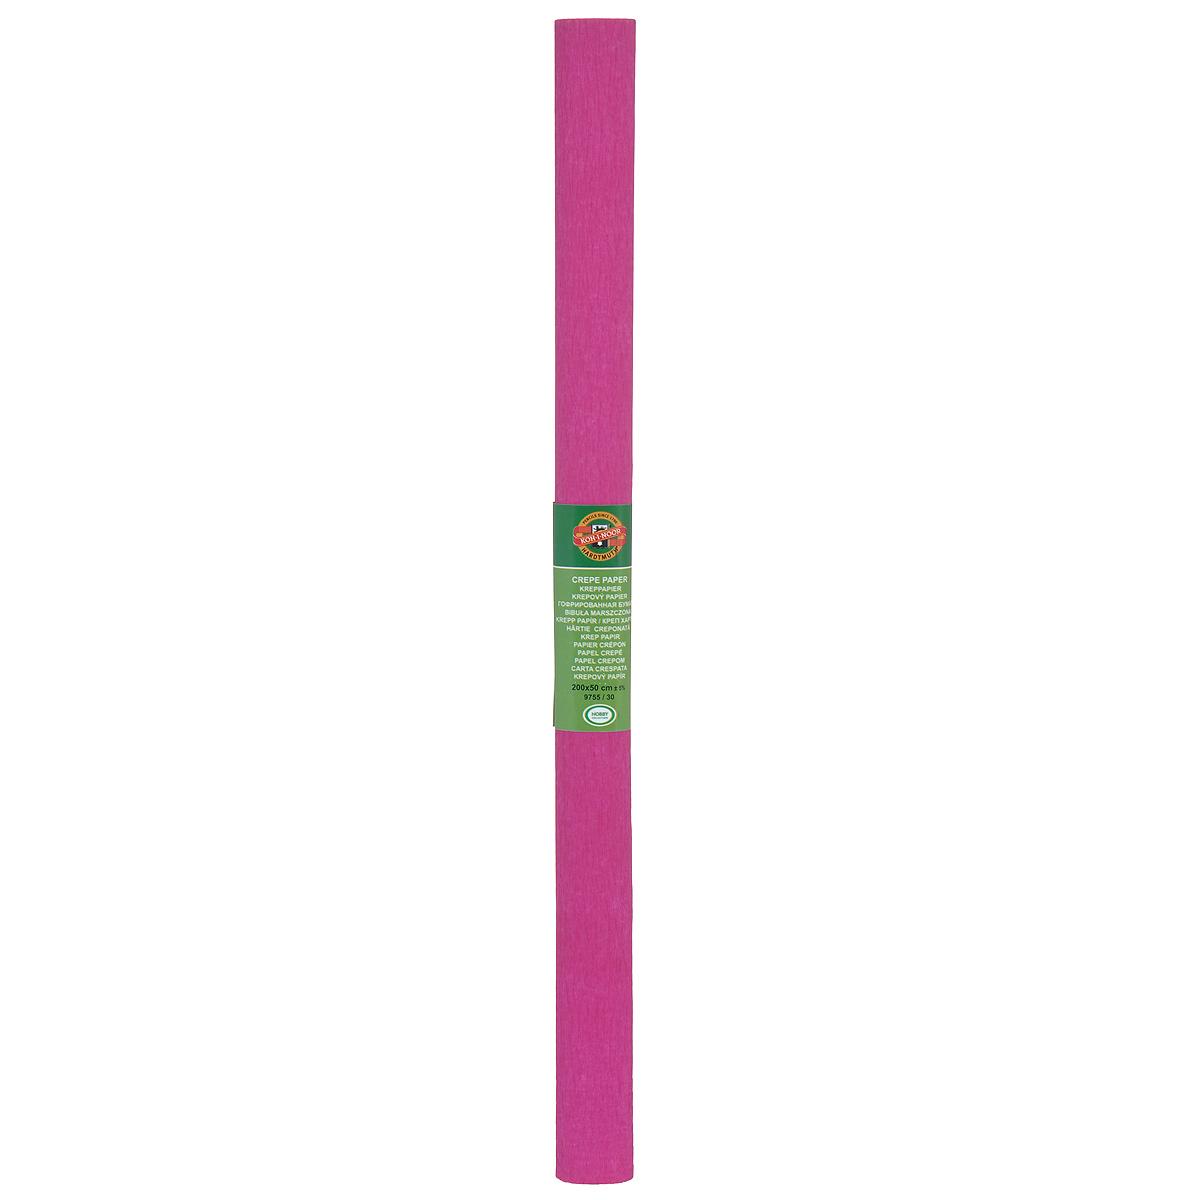 """Бумага гофрированная """"Koh-I-Noor"""", цвет: малиновый, 200 х 50 см"""